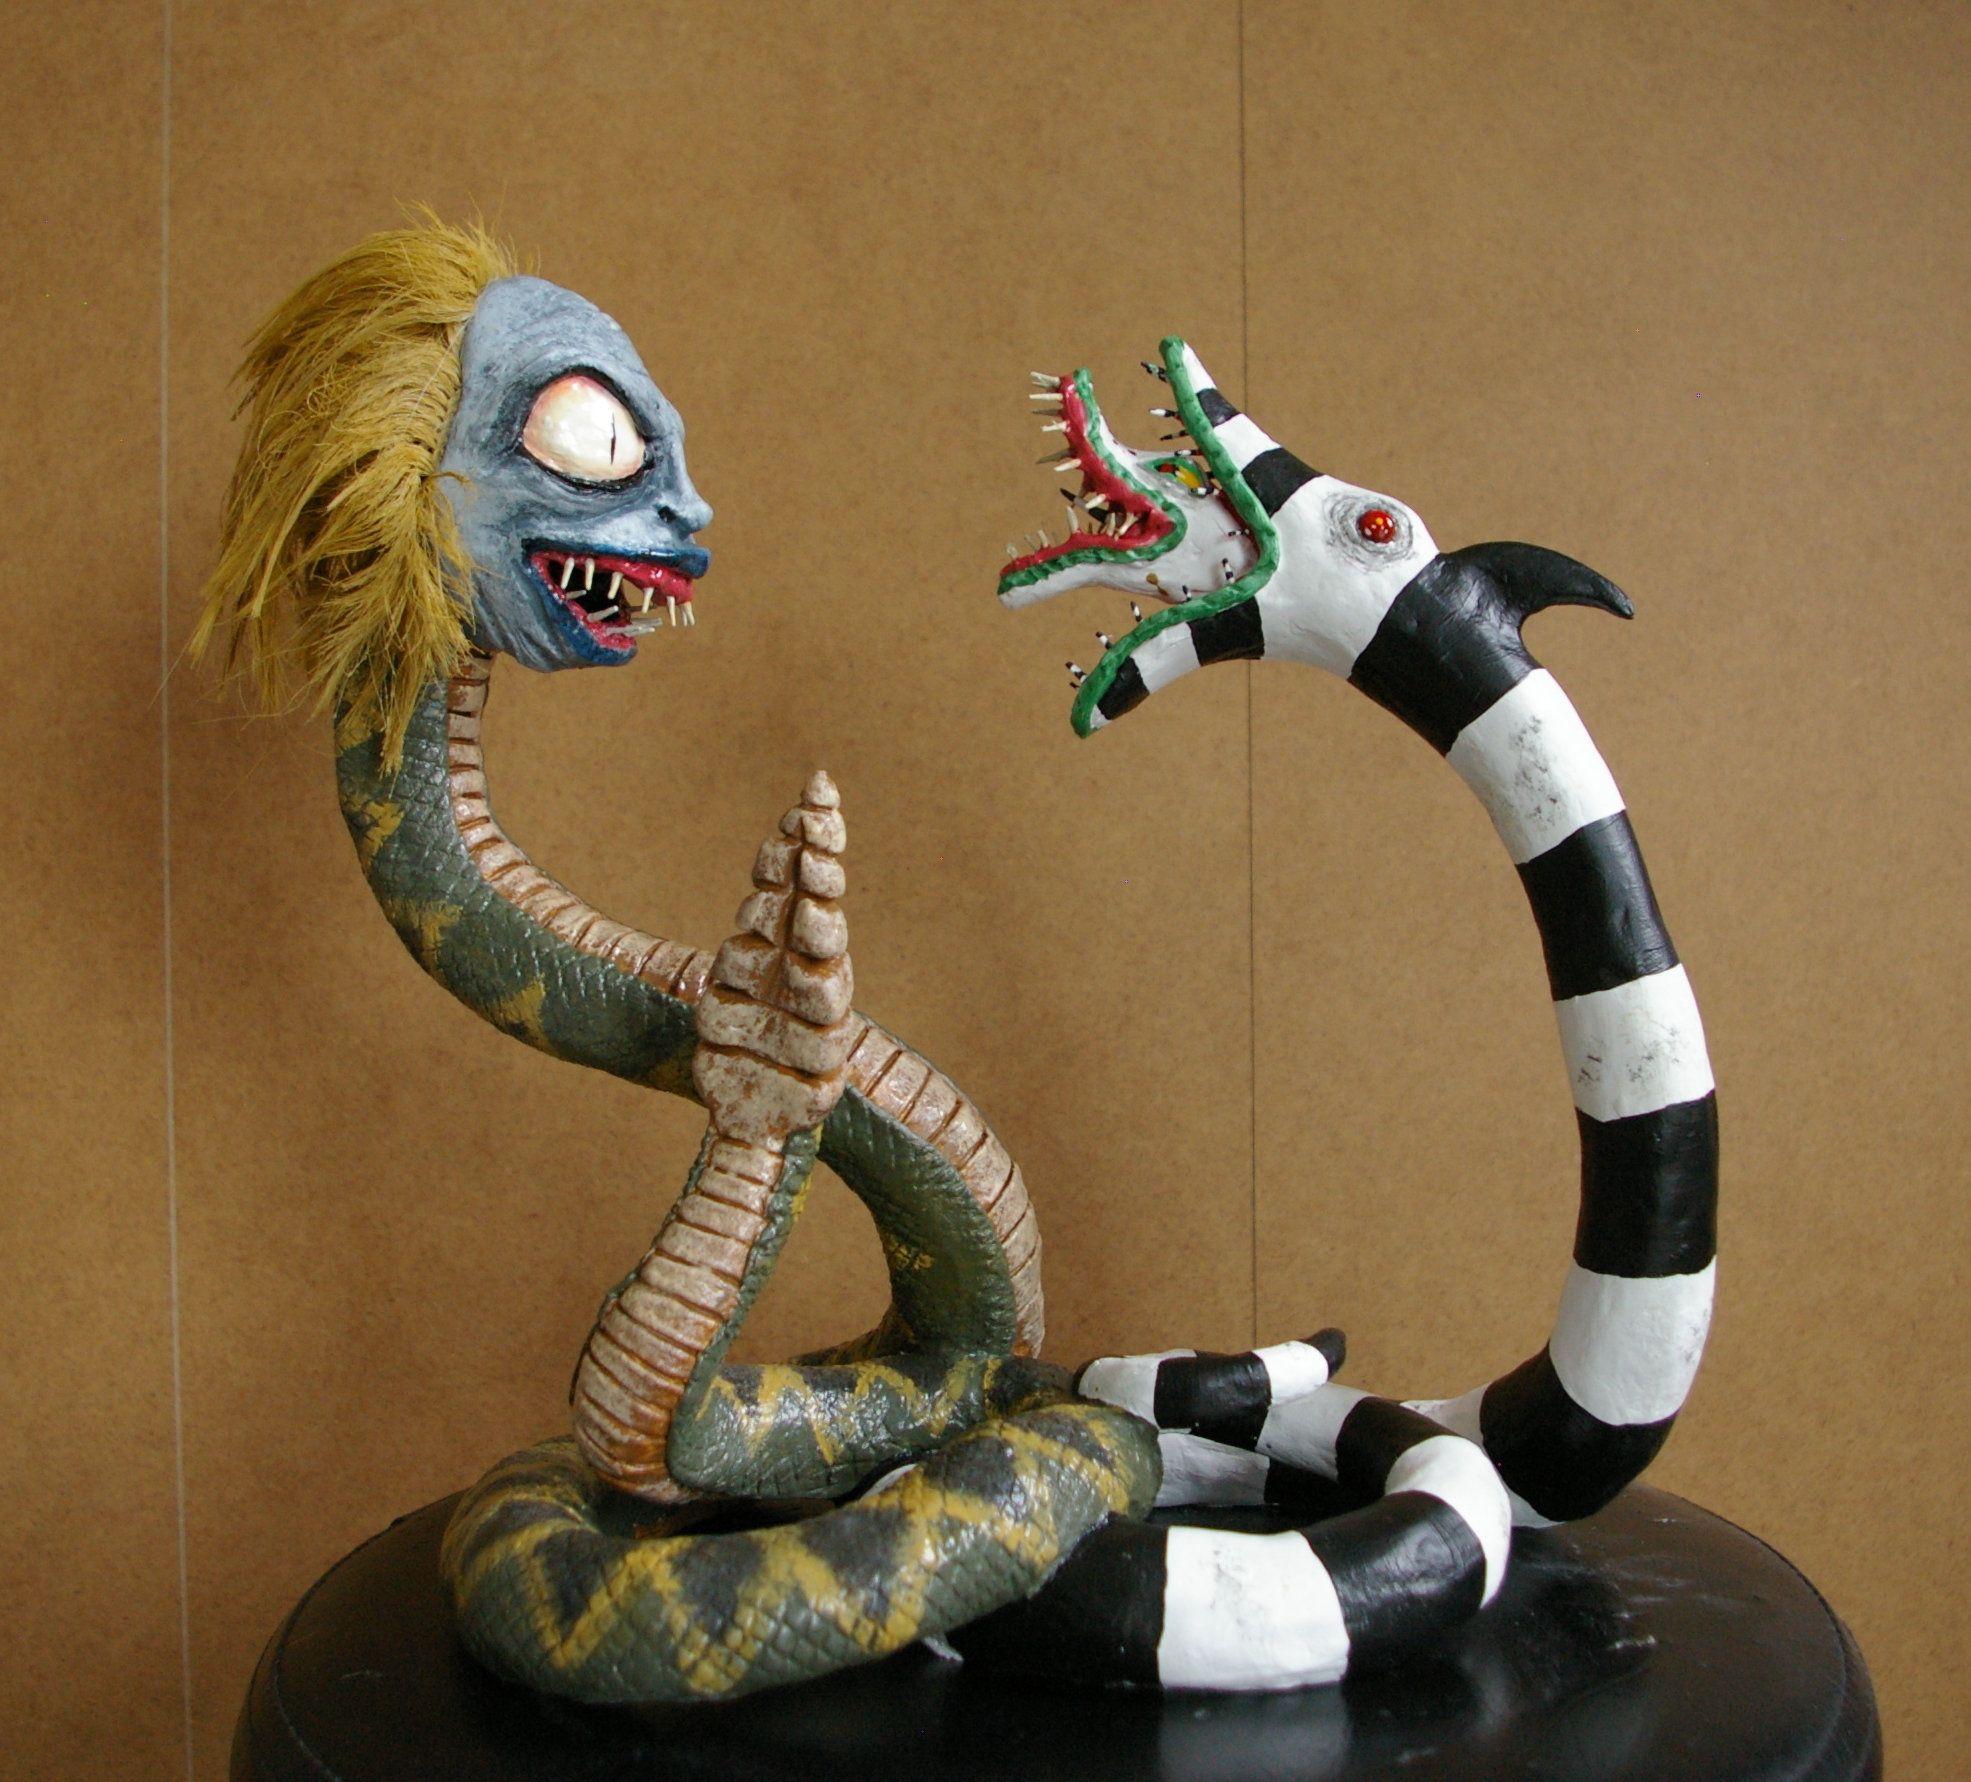 Beetlejuice vs Serpent des sables inspiration film